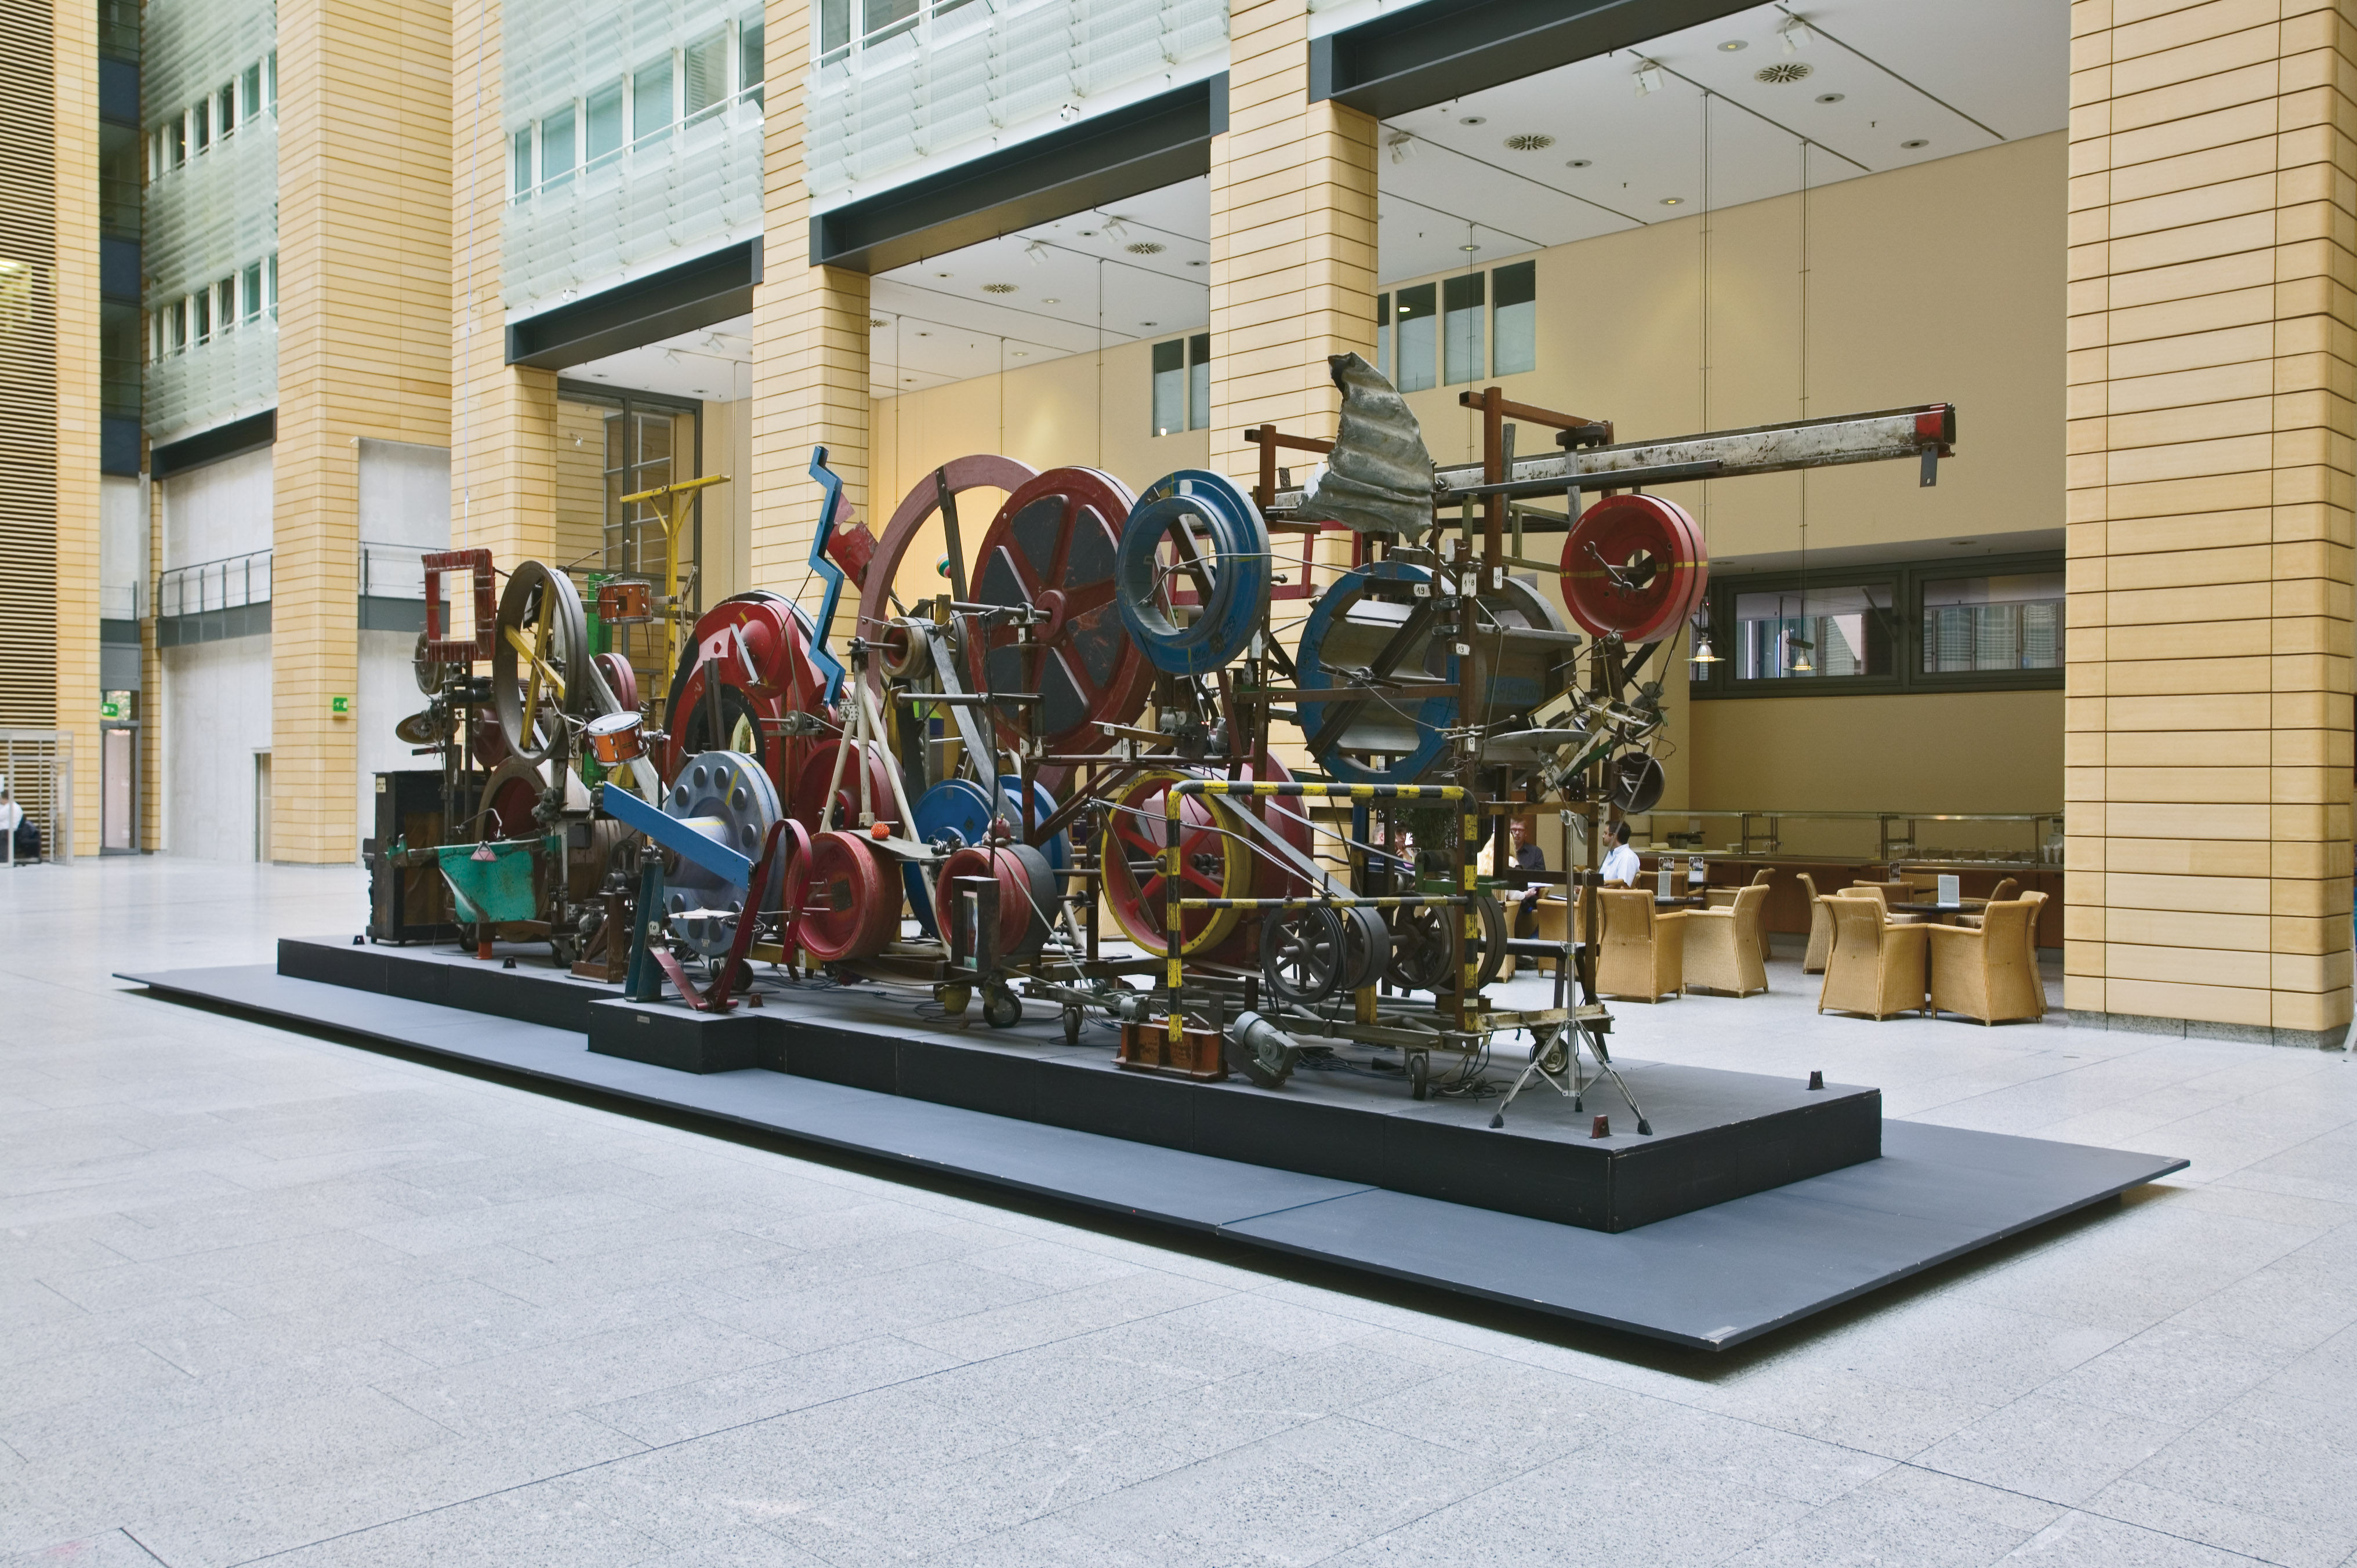 Jean Tinguely Méta-Maxi 1986 Fer, bois, moteur et objets variés 3,4 x 12 x 4,3 m Daimler Art Collection, Stuttgart/Berlin Photographie Daimler Art Collection, Stuttgart/Berlin